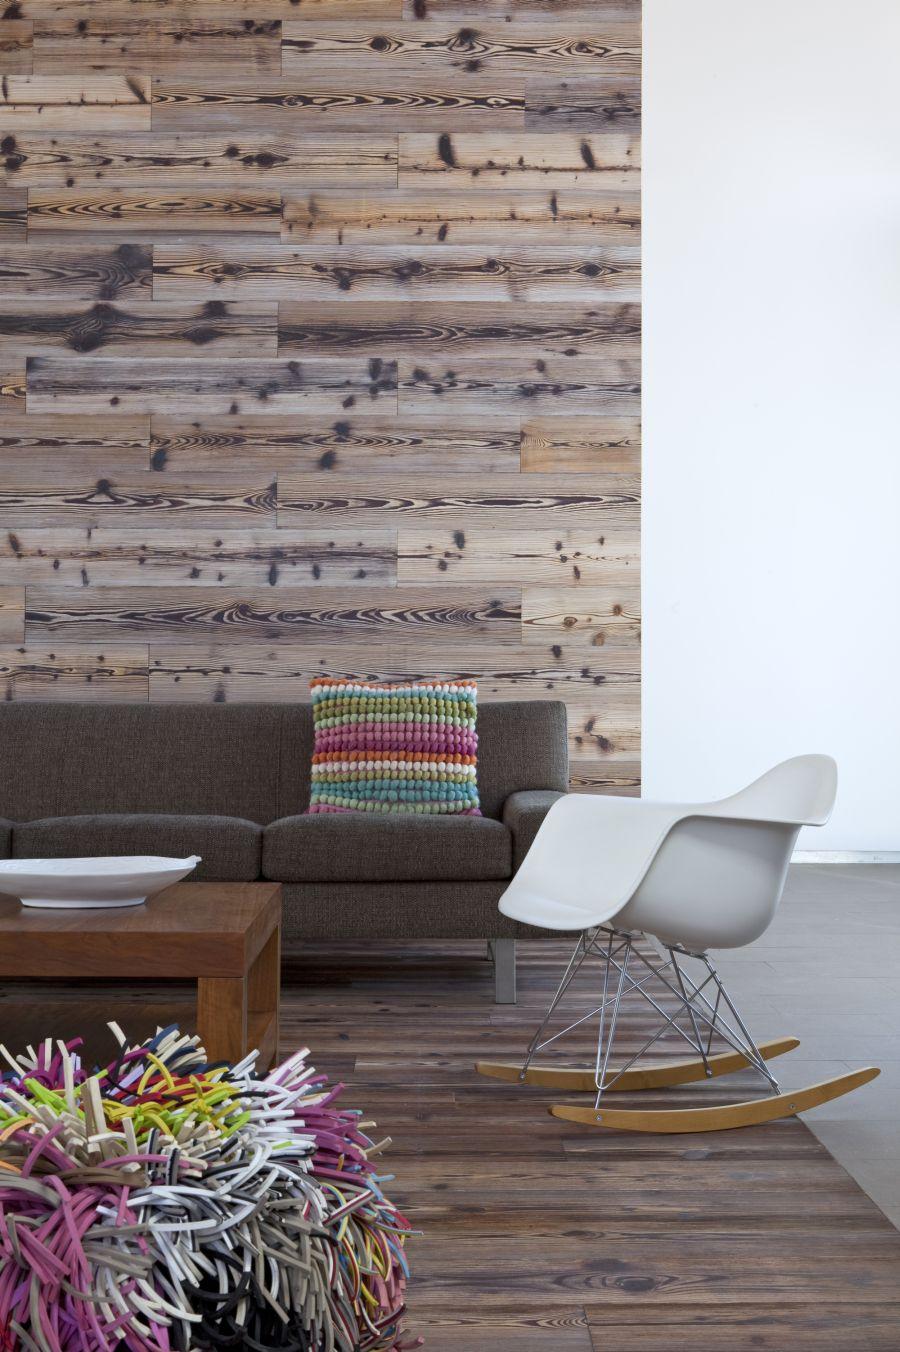 Plush wooden tones in the interior